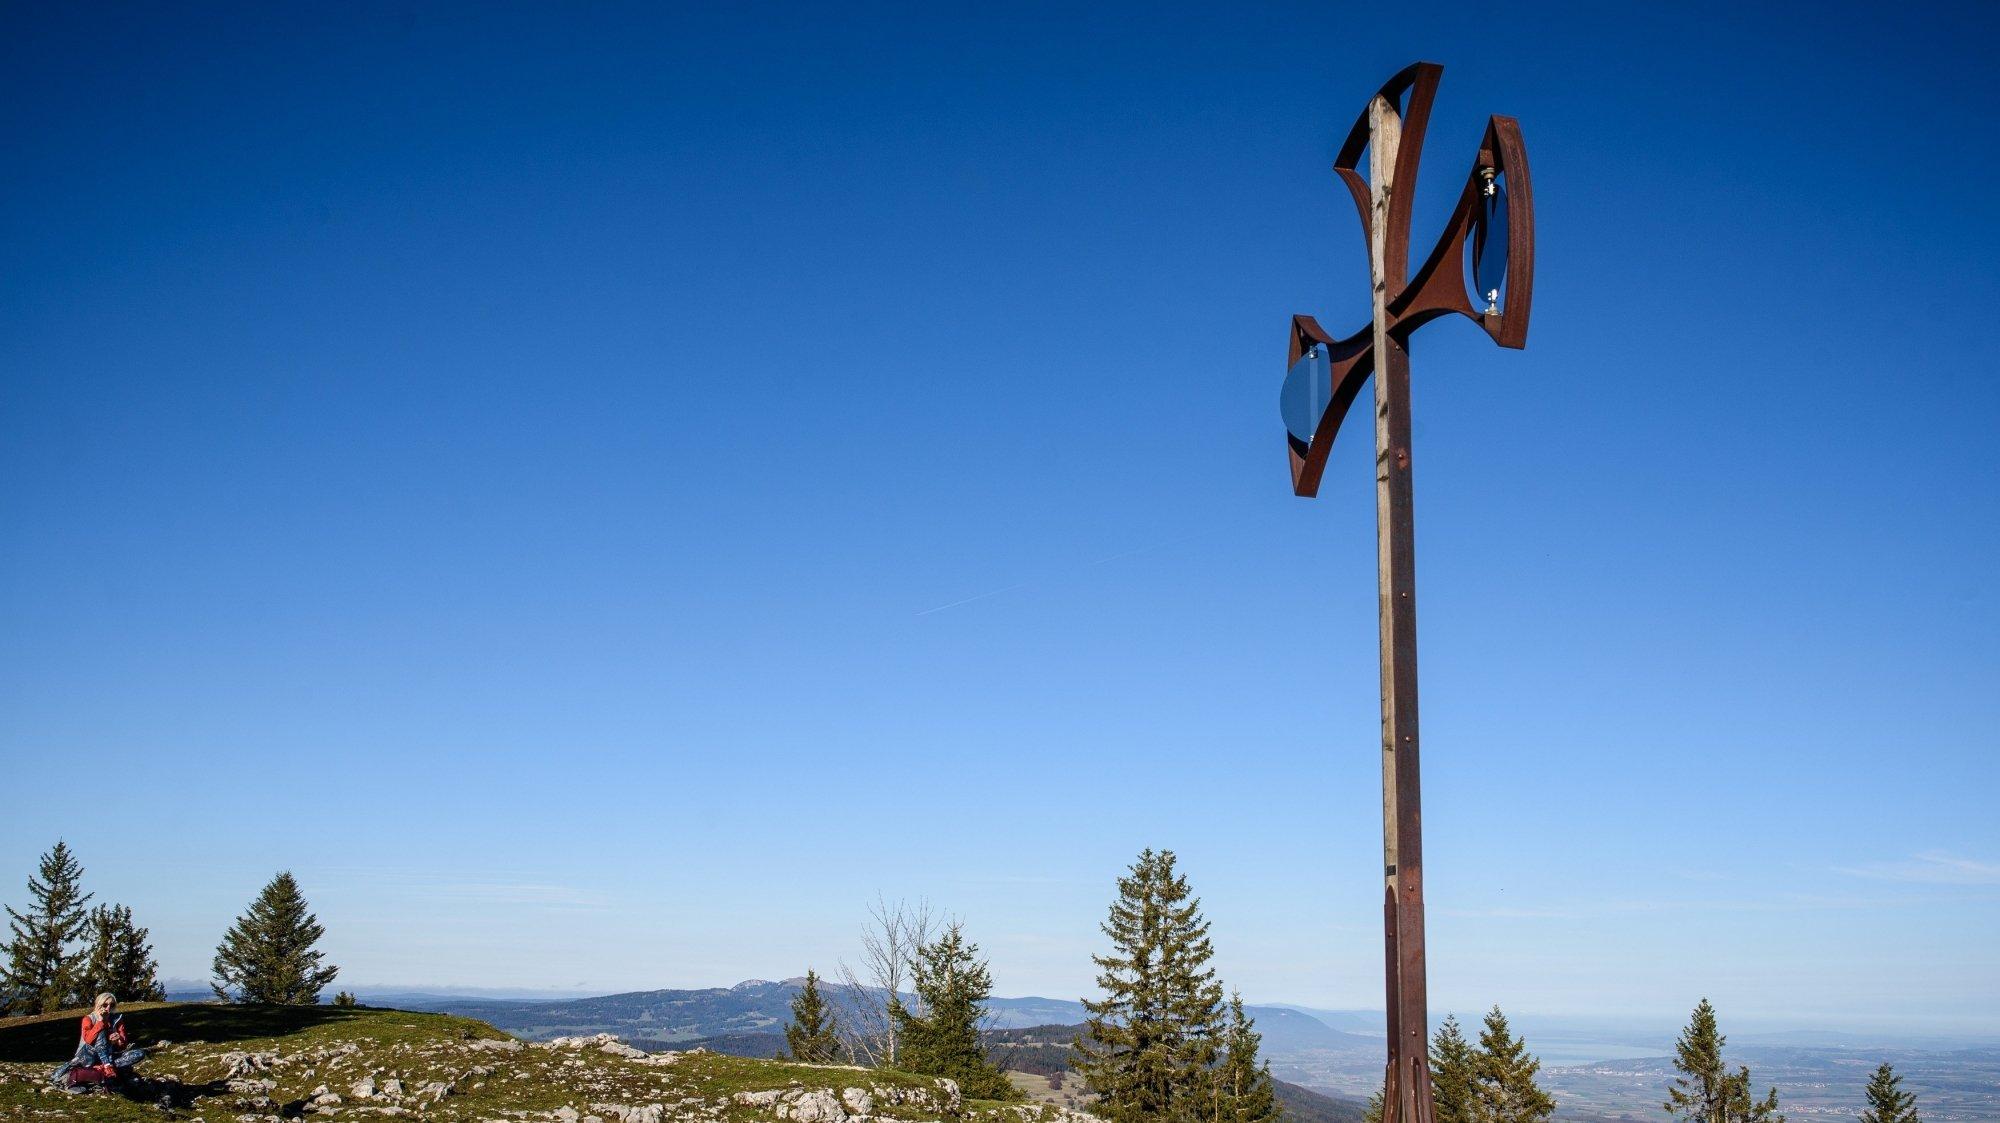 Le Parc Jura vaudois est l'un des parcs naturels régionaux suisses. Il est reconnu d'importance nationale depuis 2013. Ici, à Châtel, au-dessus de l'Isle.